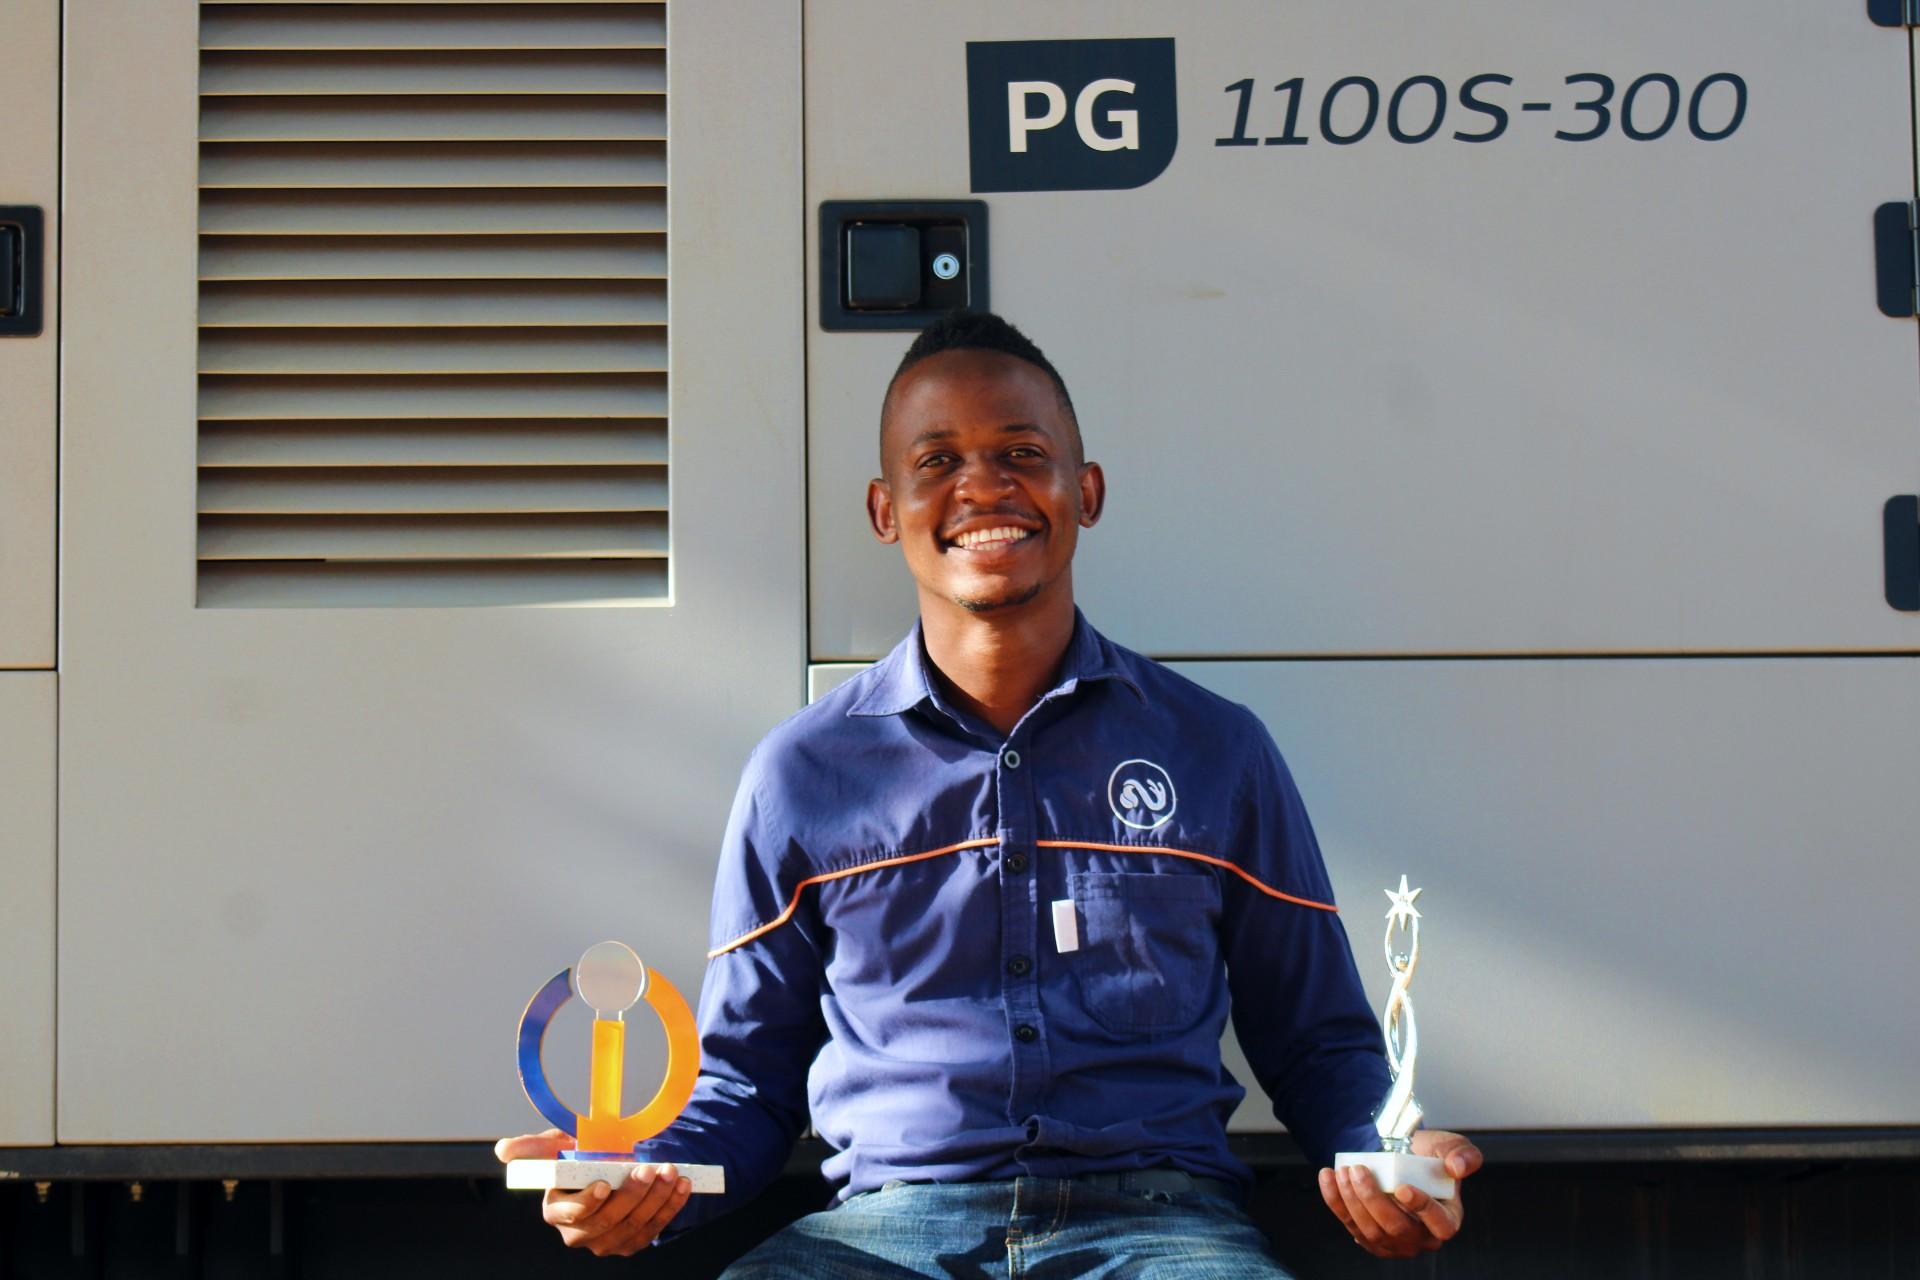 Lincoln Masiyenyama Clinches Another Award